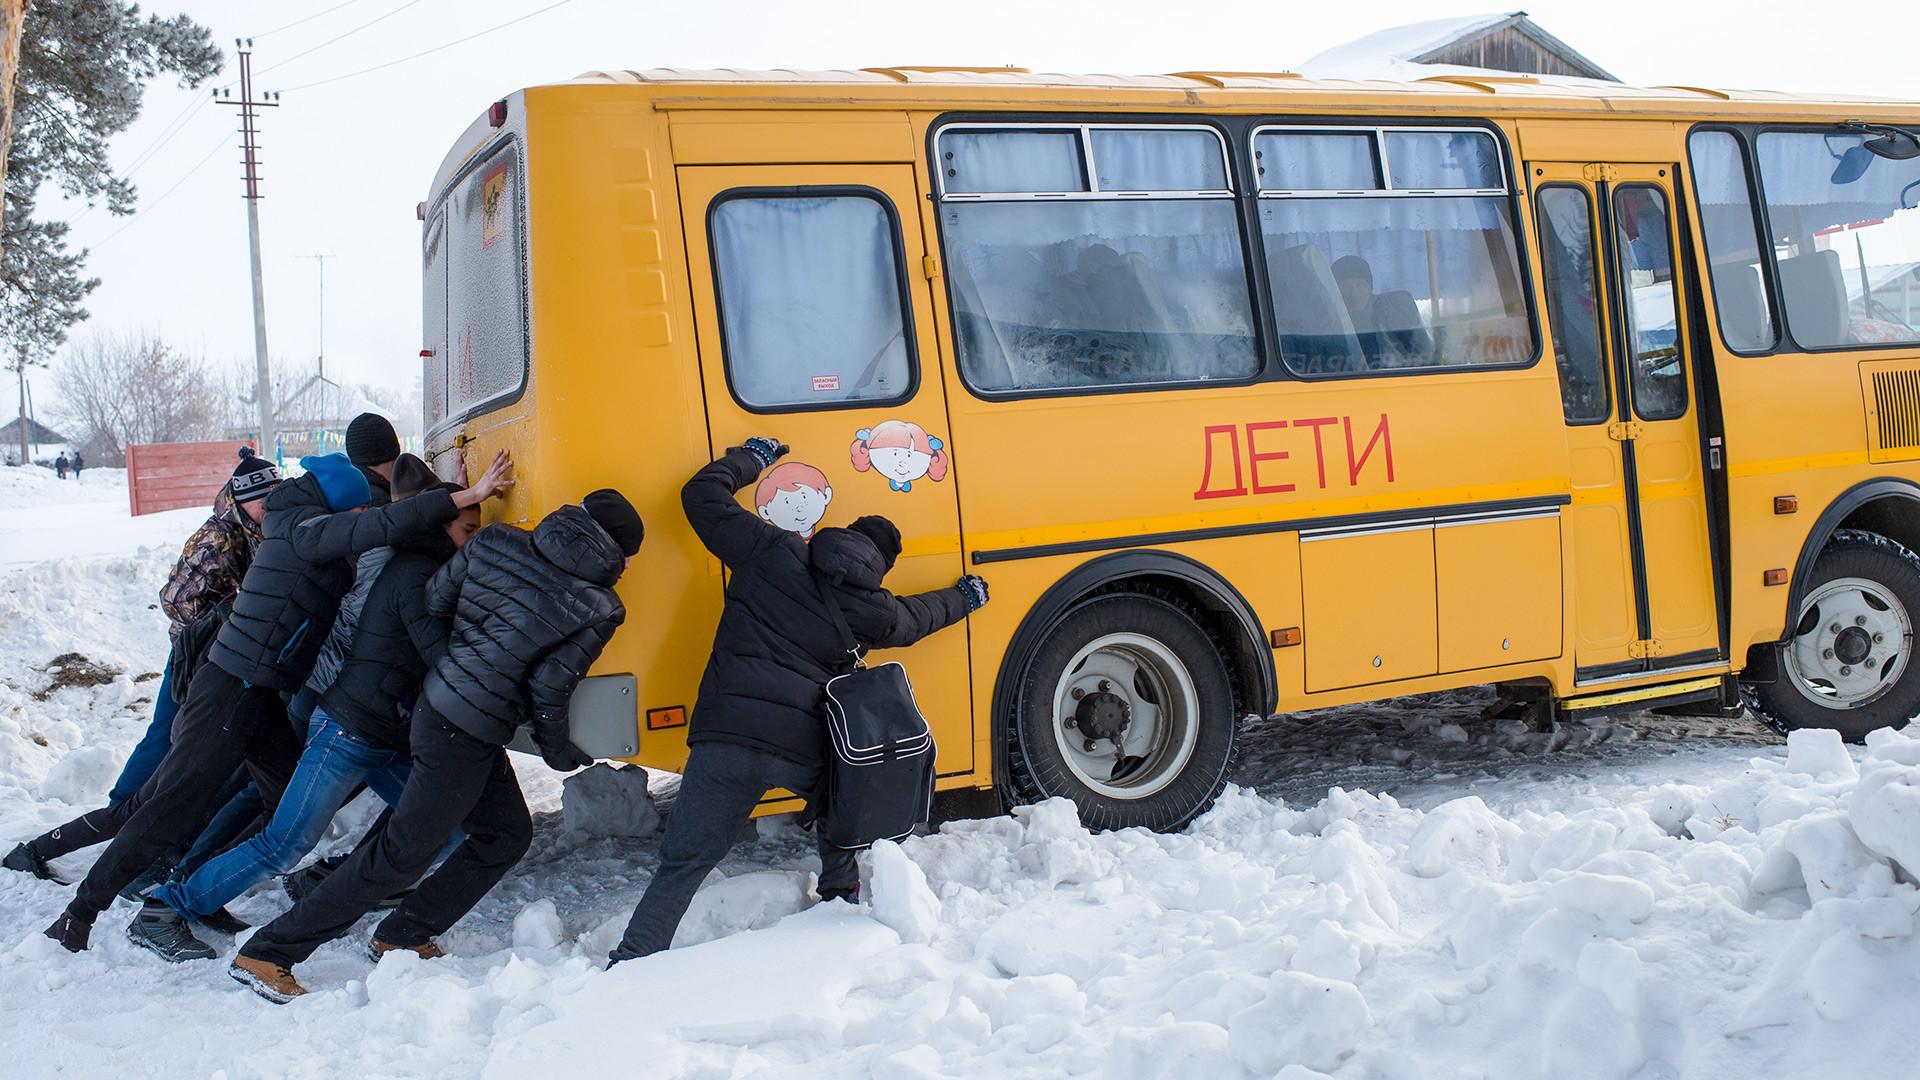 Мужчины толкают застрявший в снегу автобус во время сельской зимней спартакиады в селе Евгащино Омской области.